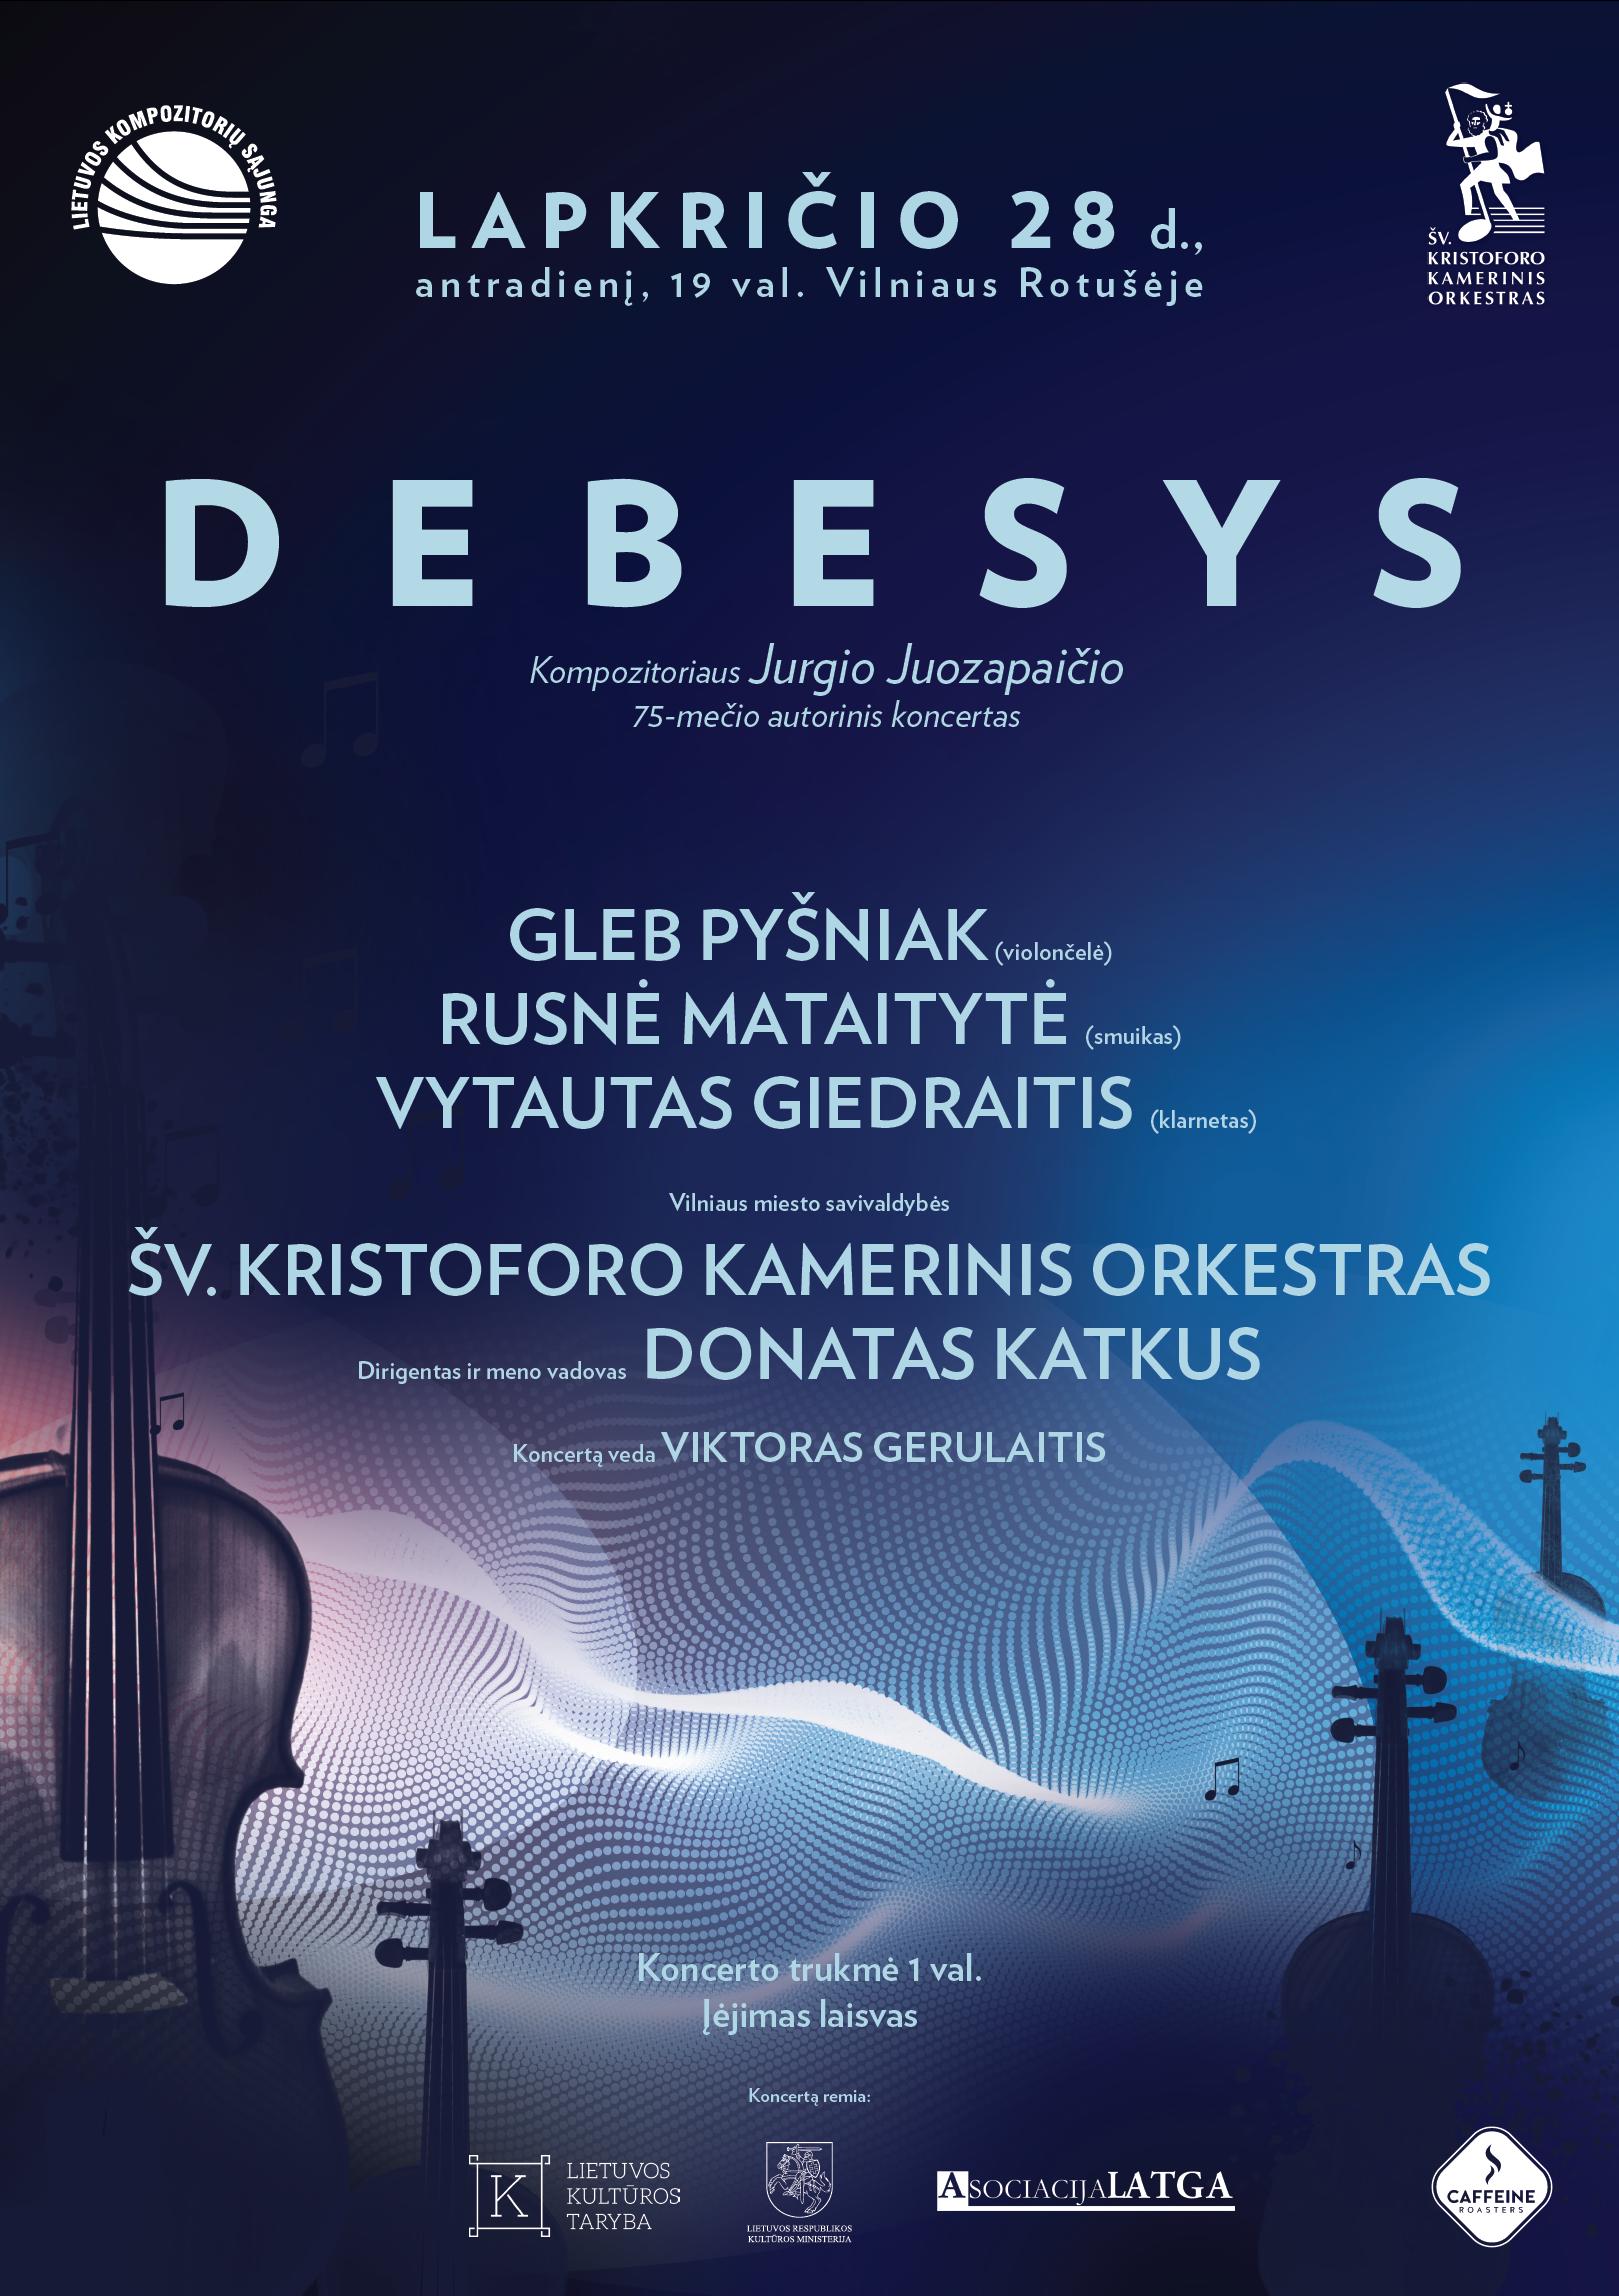 DEBESYS. Jurgio Juozapaičio autorinis koncertas